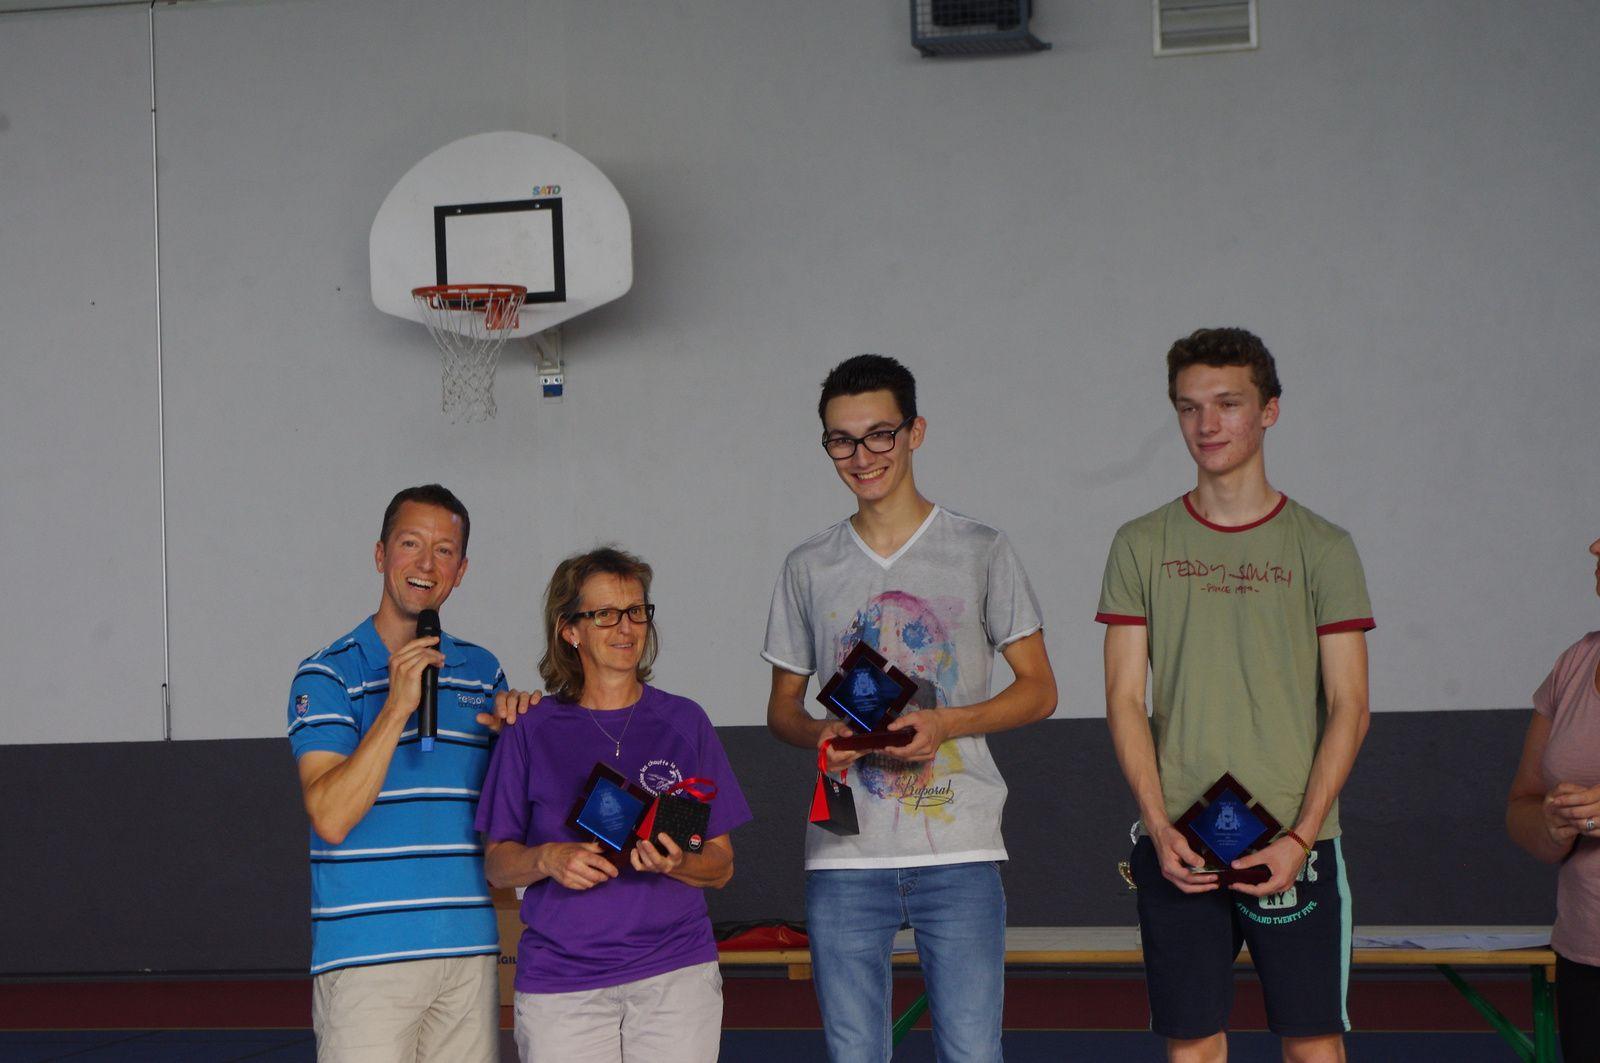 Fêtes des sports : Isabelle, Allan et Killian à l'honneur!